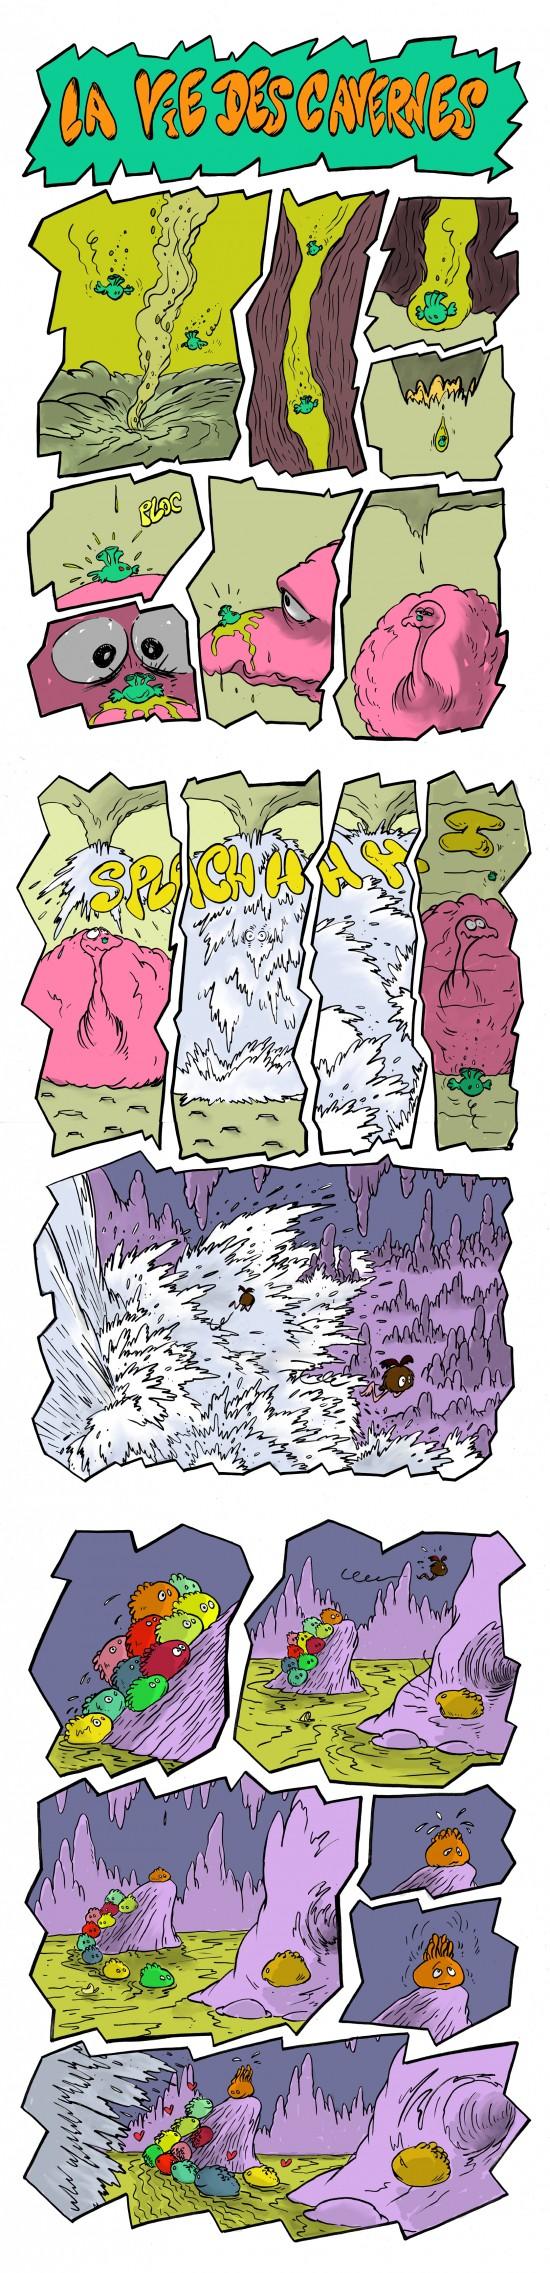 fanzine,bd,zébra,bande-dessinée,strip,gratuite,cavernes,david roche,planches